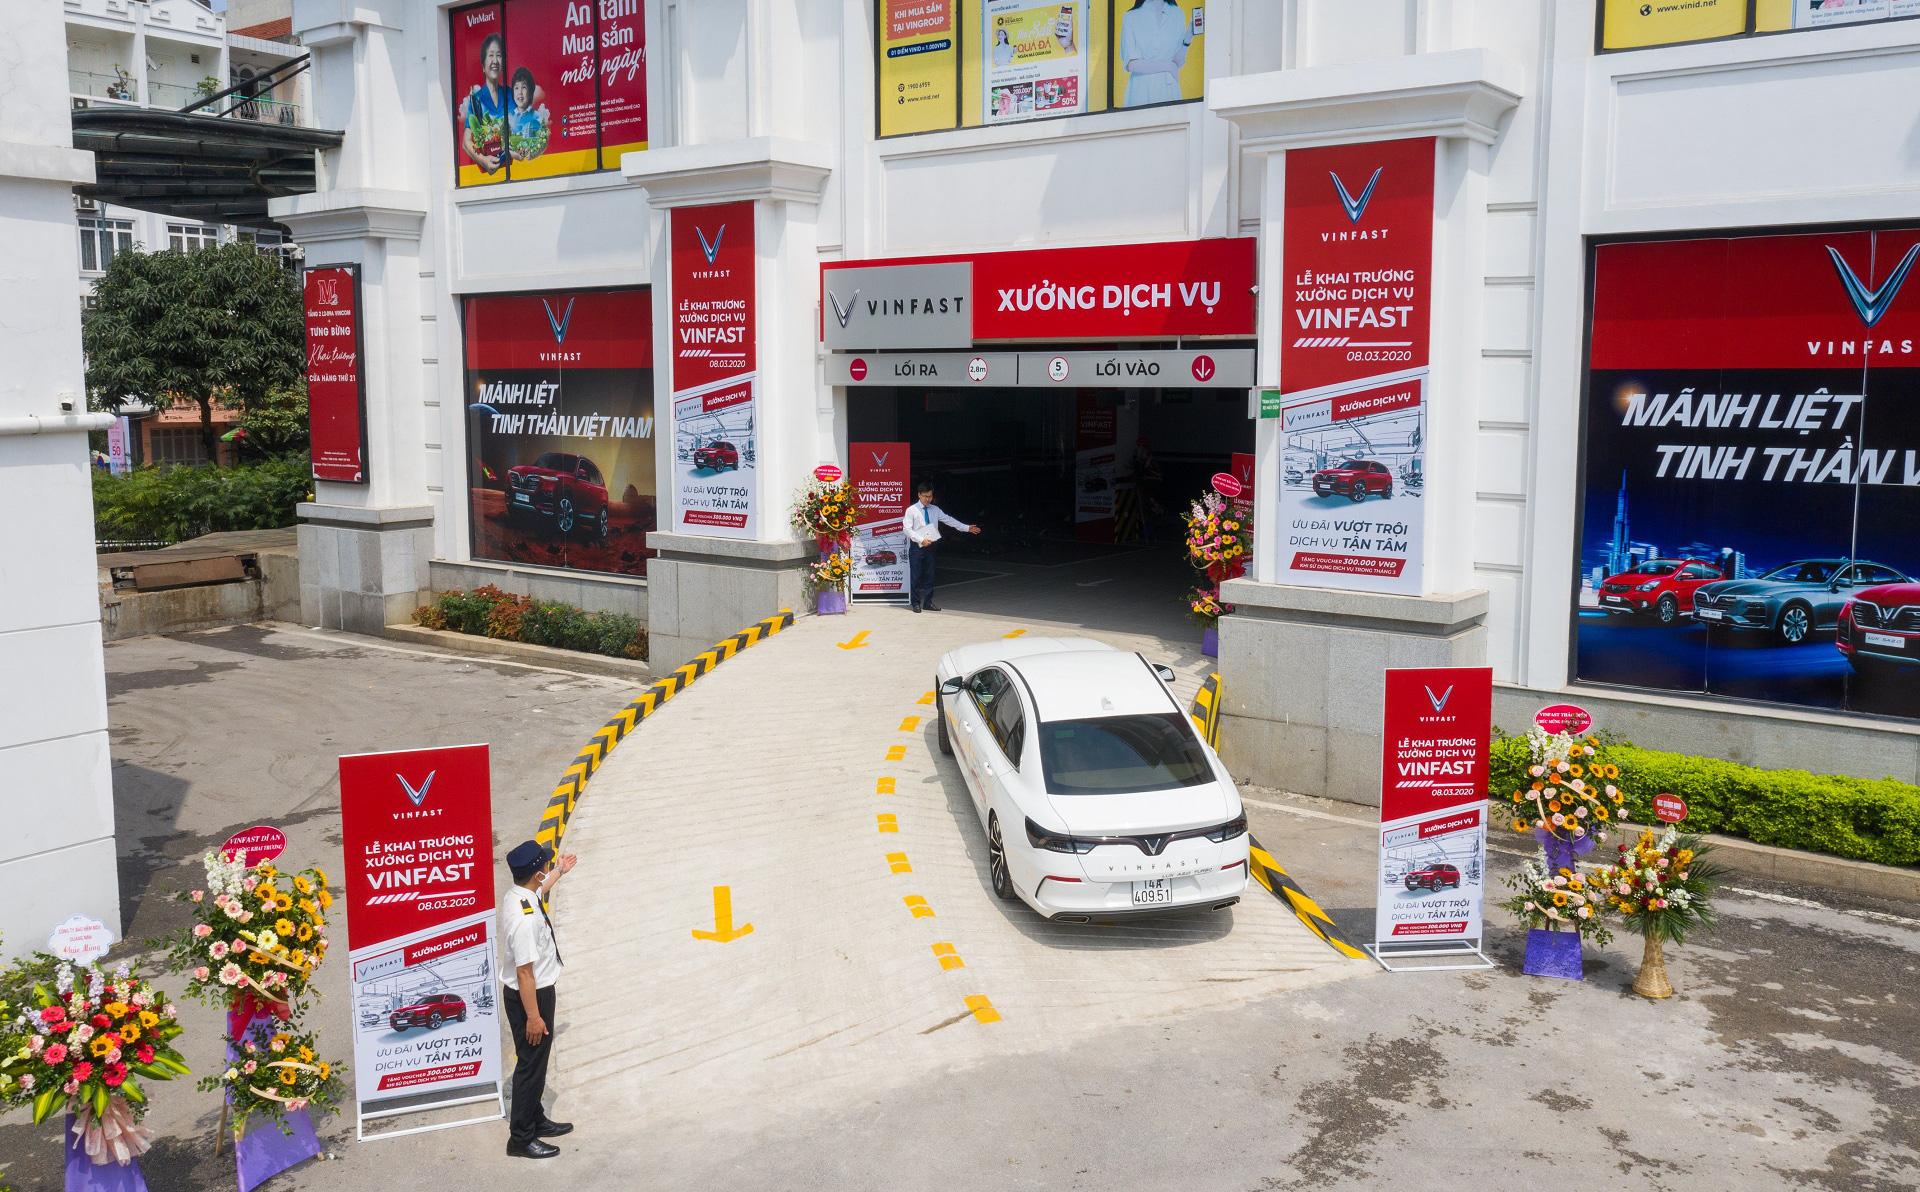 Khai trương 18 xưởng dịch vụ, VinFast lọt top 5 hãng có hệ thống xưởng dịch vụ lớn nhất VN